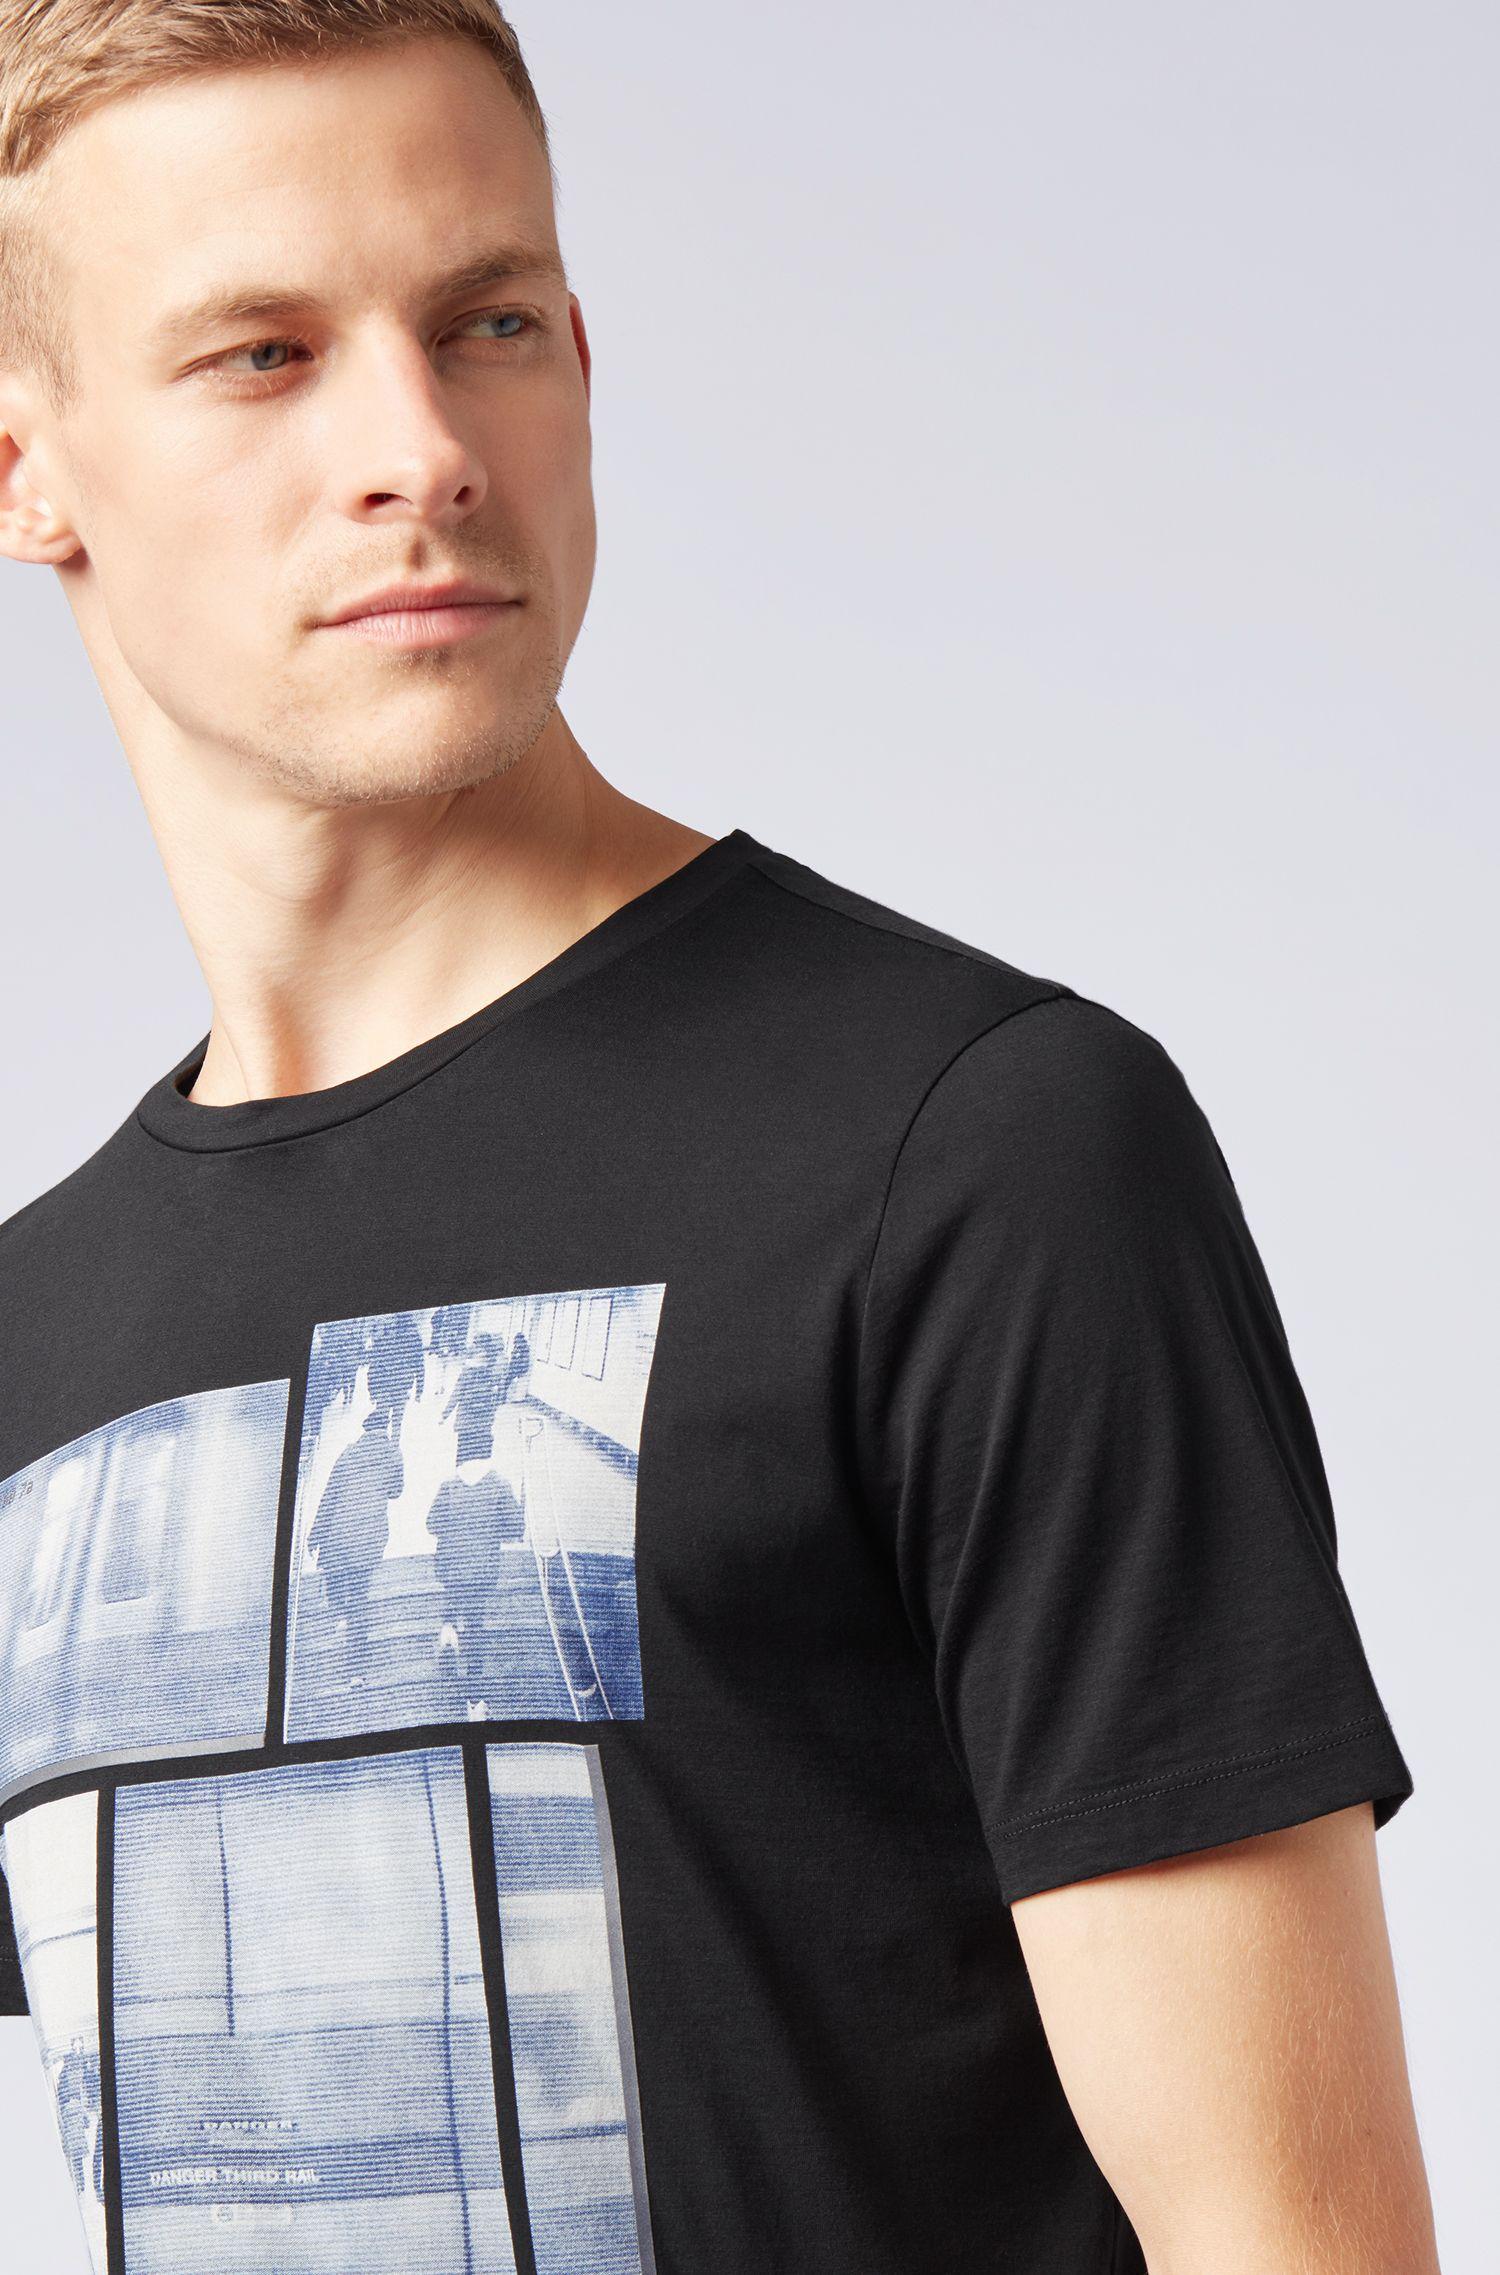 Camiseta de algodón Pima con estampados fotográficos con base acuosa, Negro